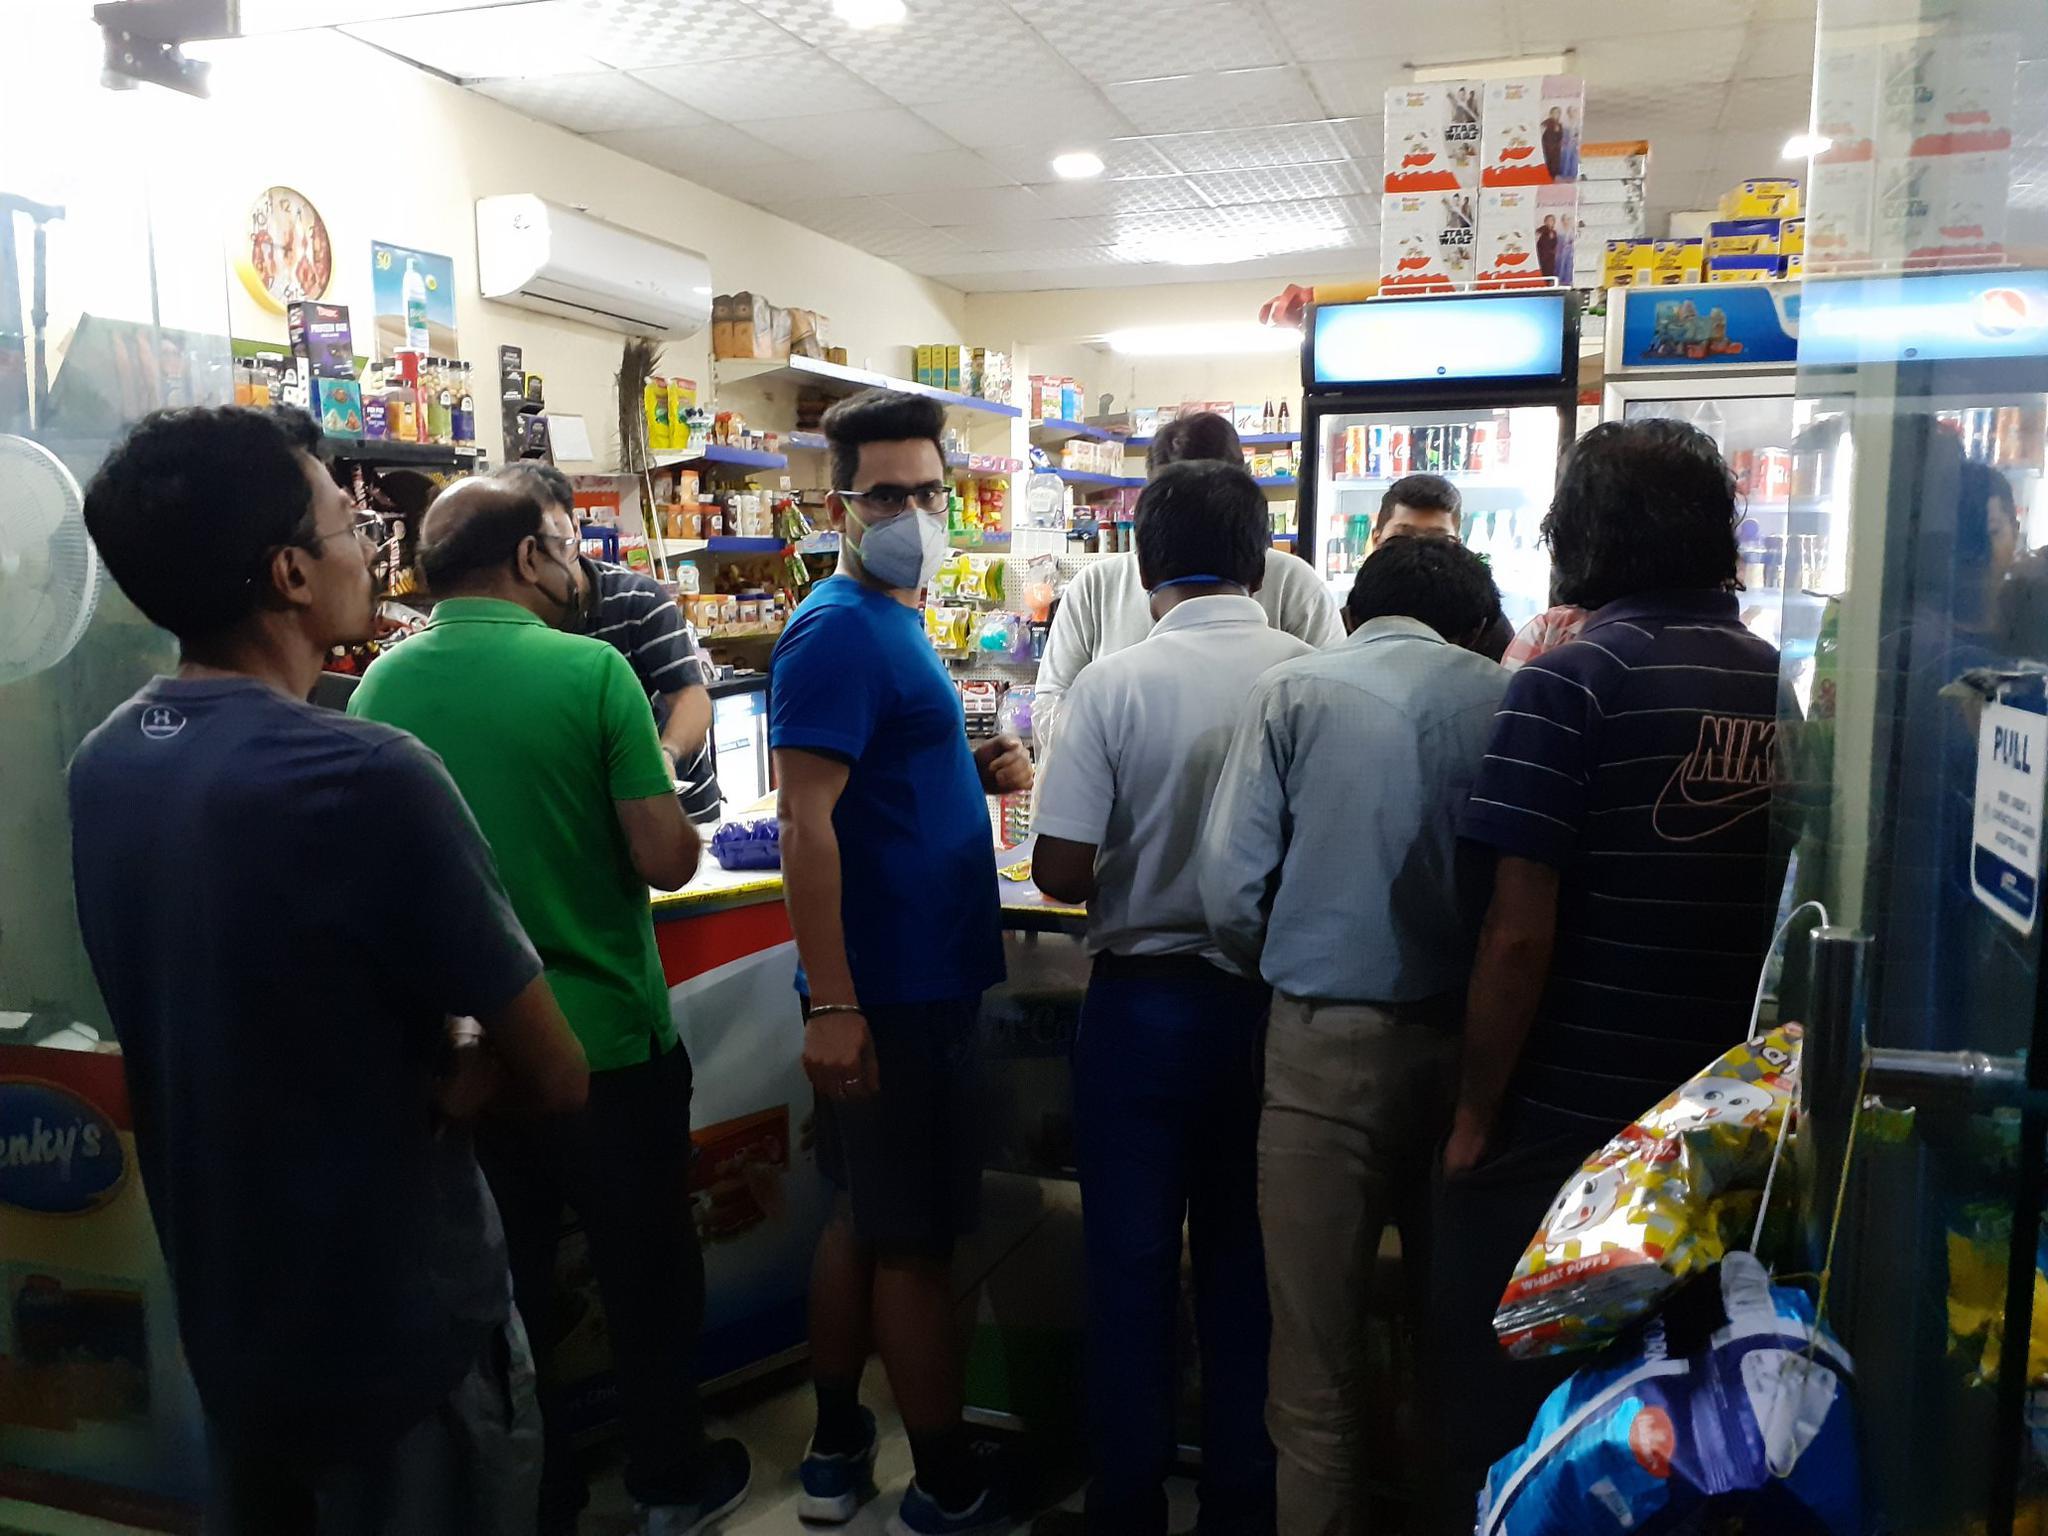 印度一商店挤满了人 图自社交媒体